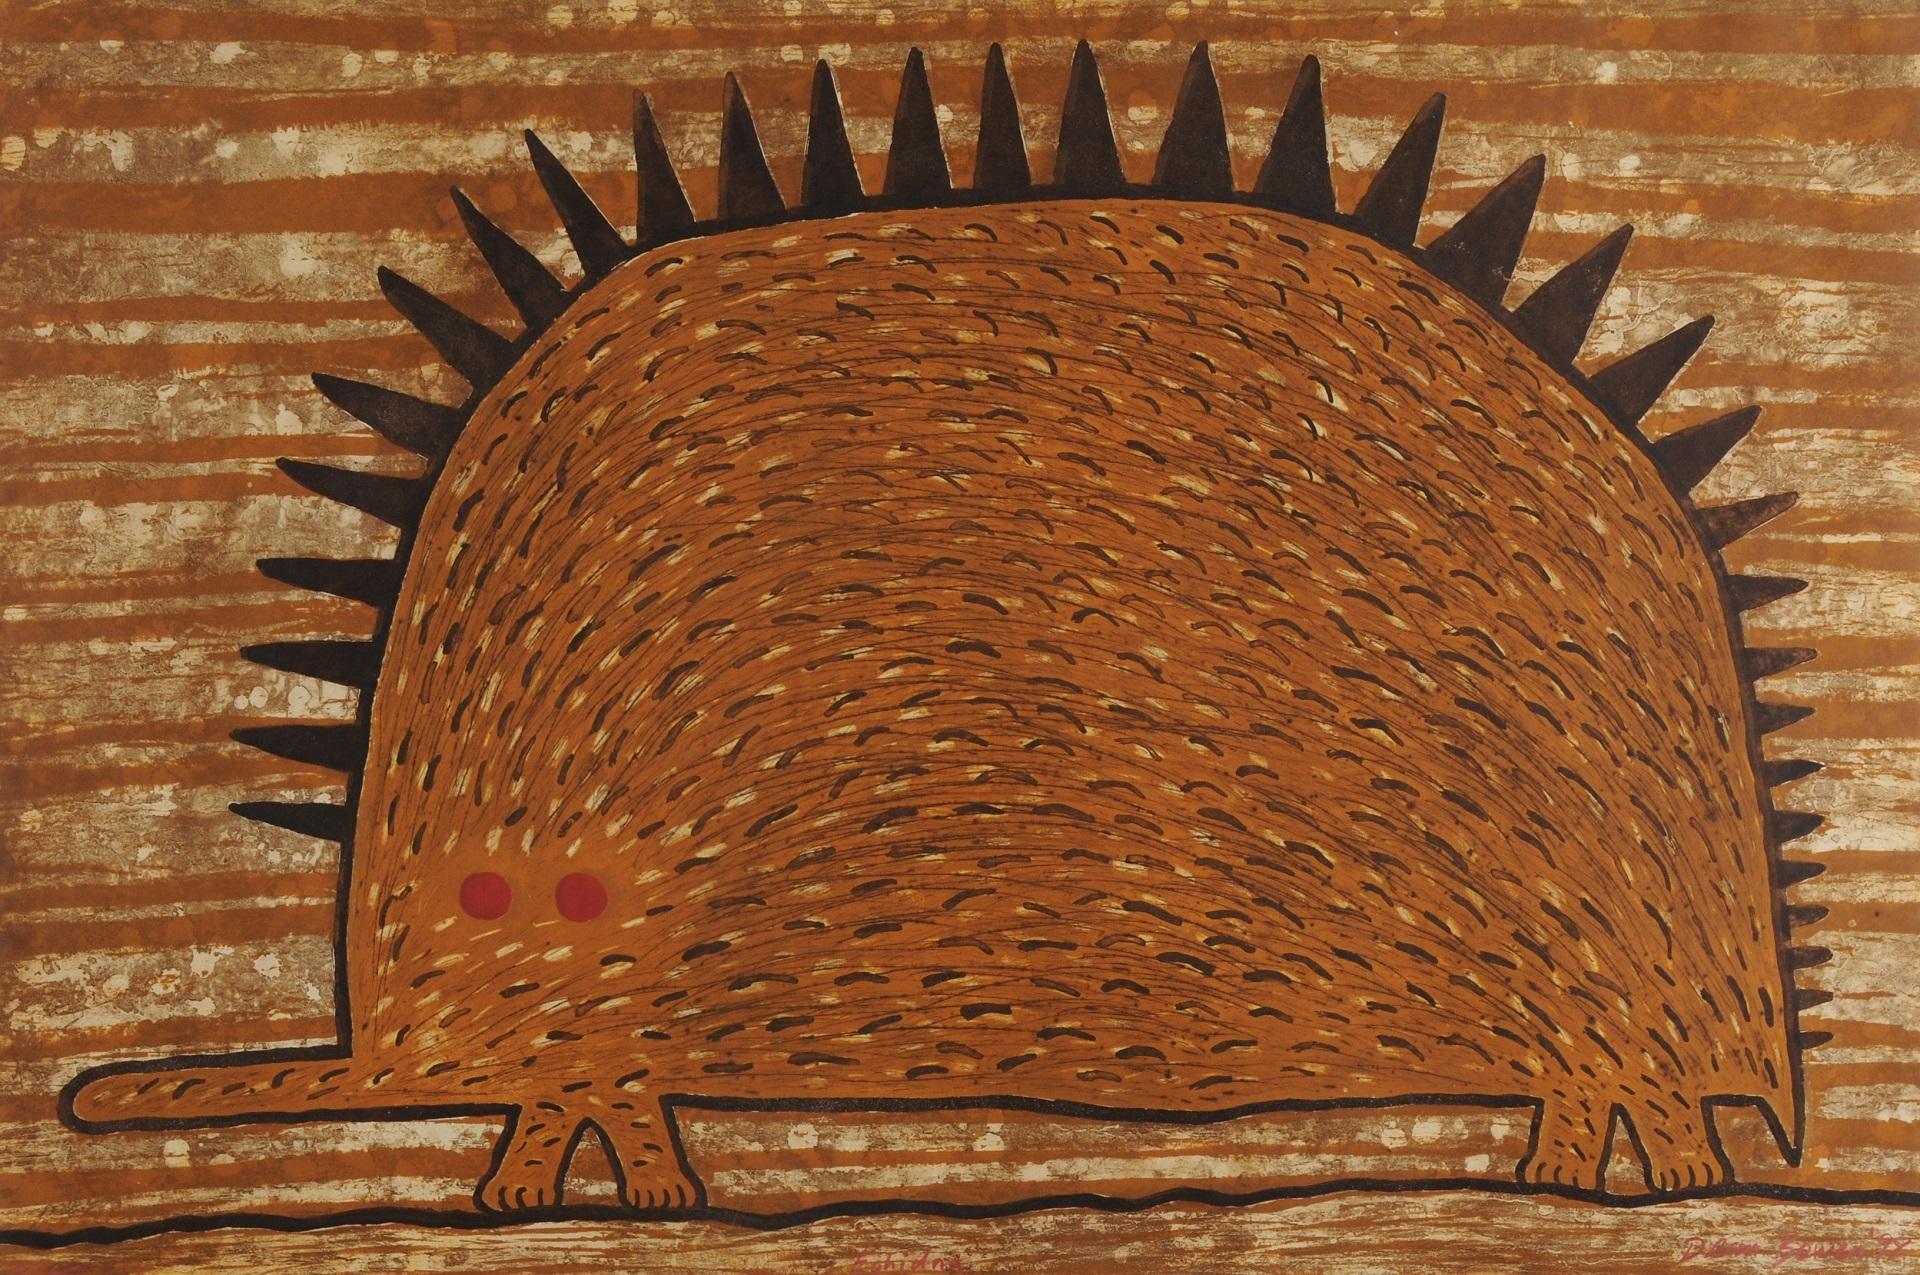 Bowen Dean, 5 sheets: Farmer Returning Home, 1995; Highway Bird, 1995; Echidna, 1998; Untitled, 1995 (2)